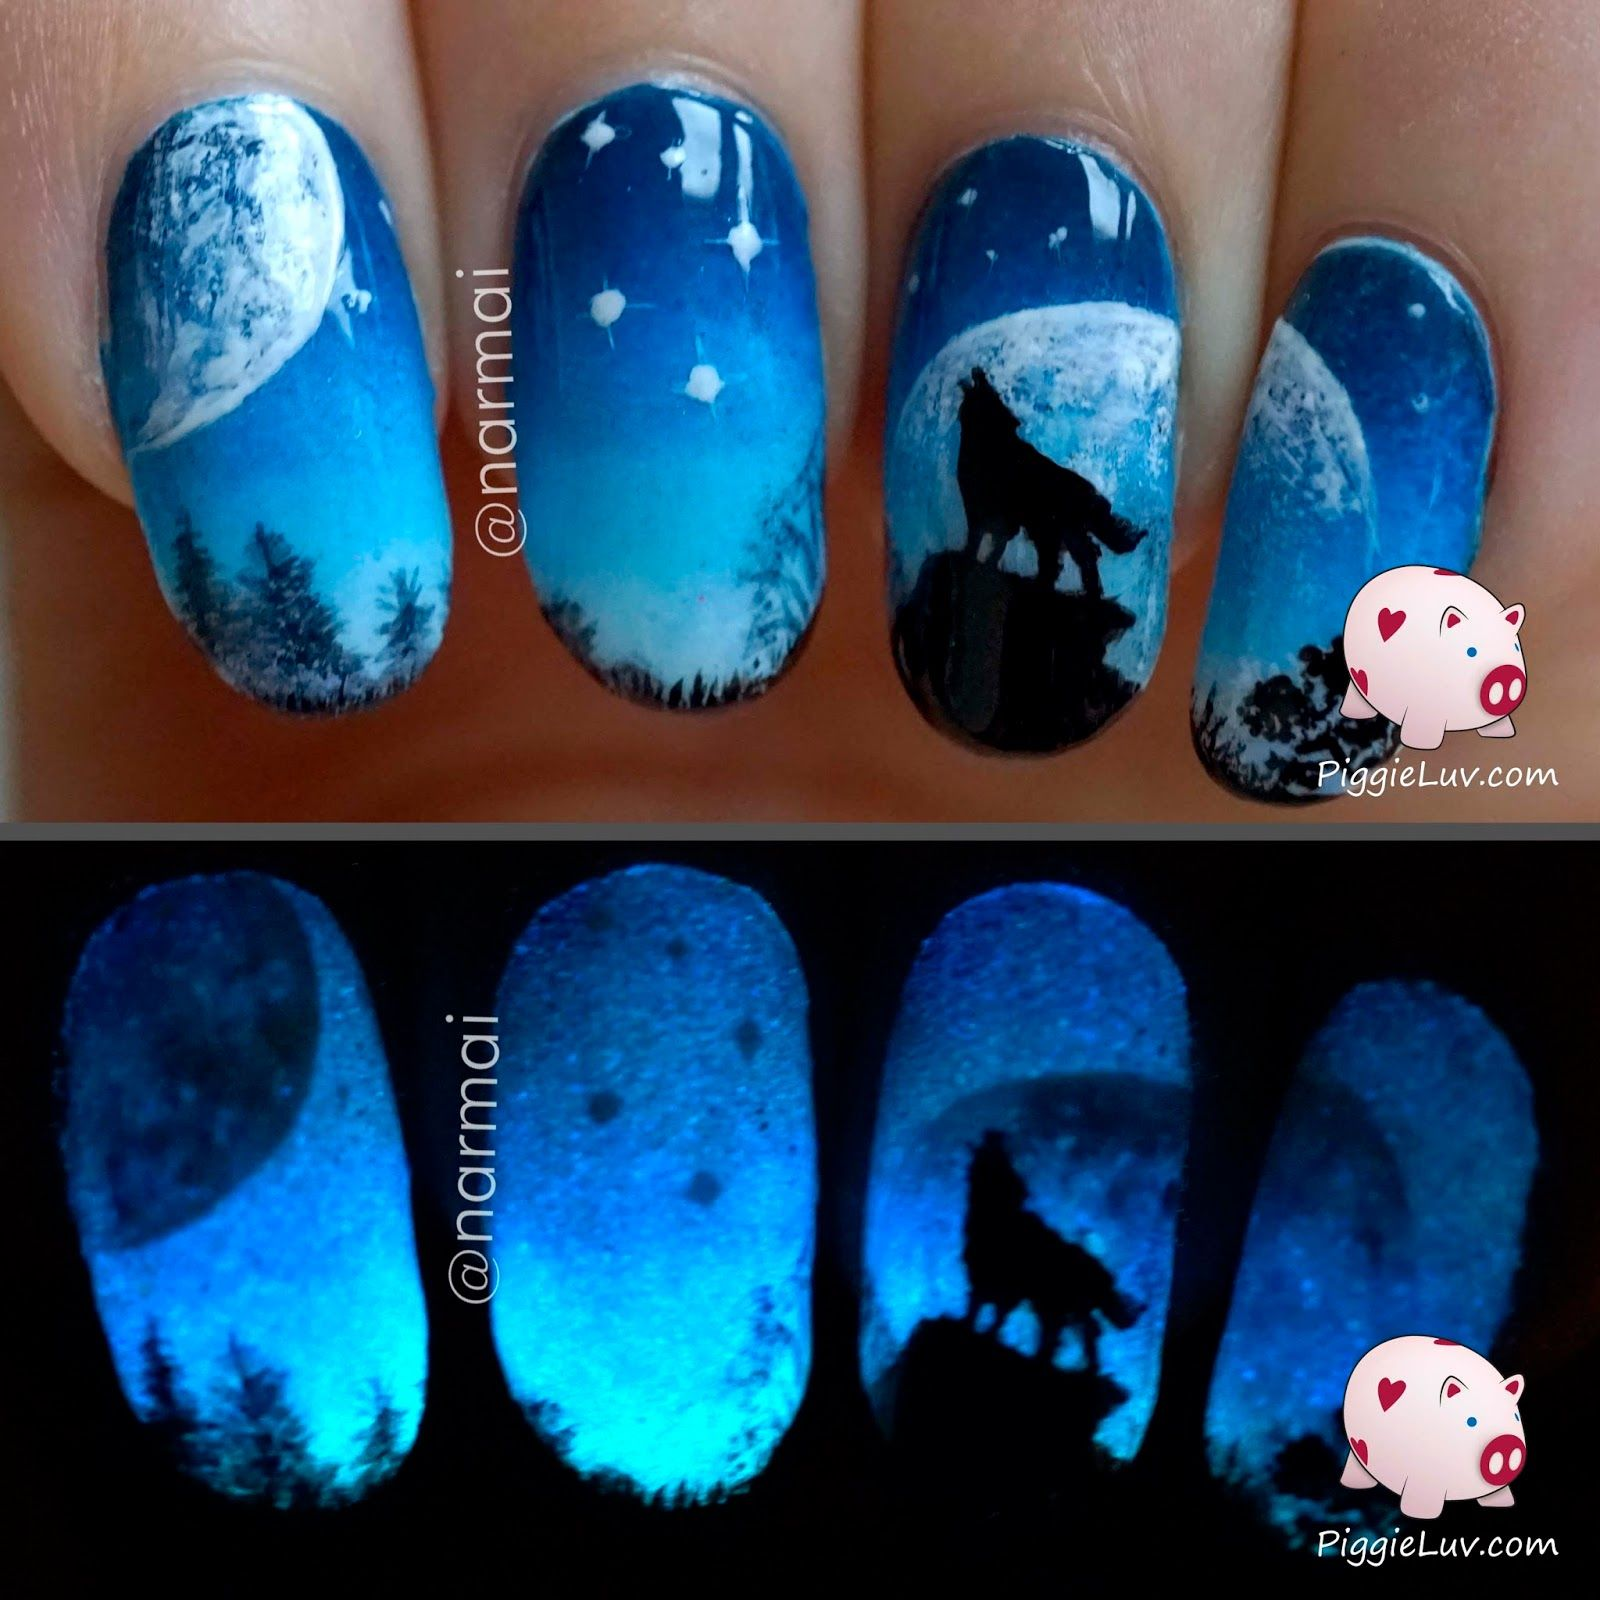 Piggieluv Galaxy Donuts Nail Art: Galaxy Wolf Twin Nails (glow In The Dark)